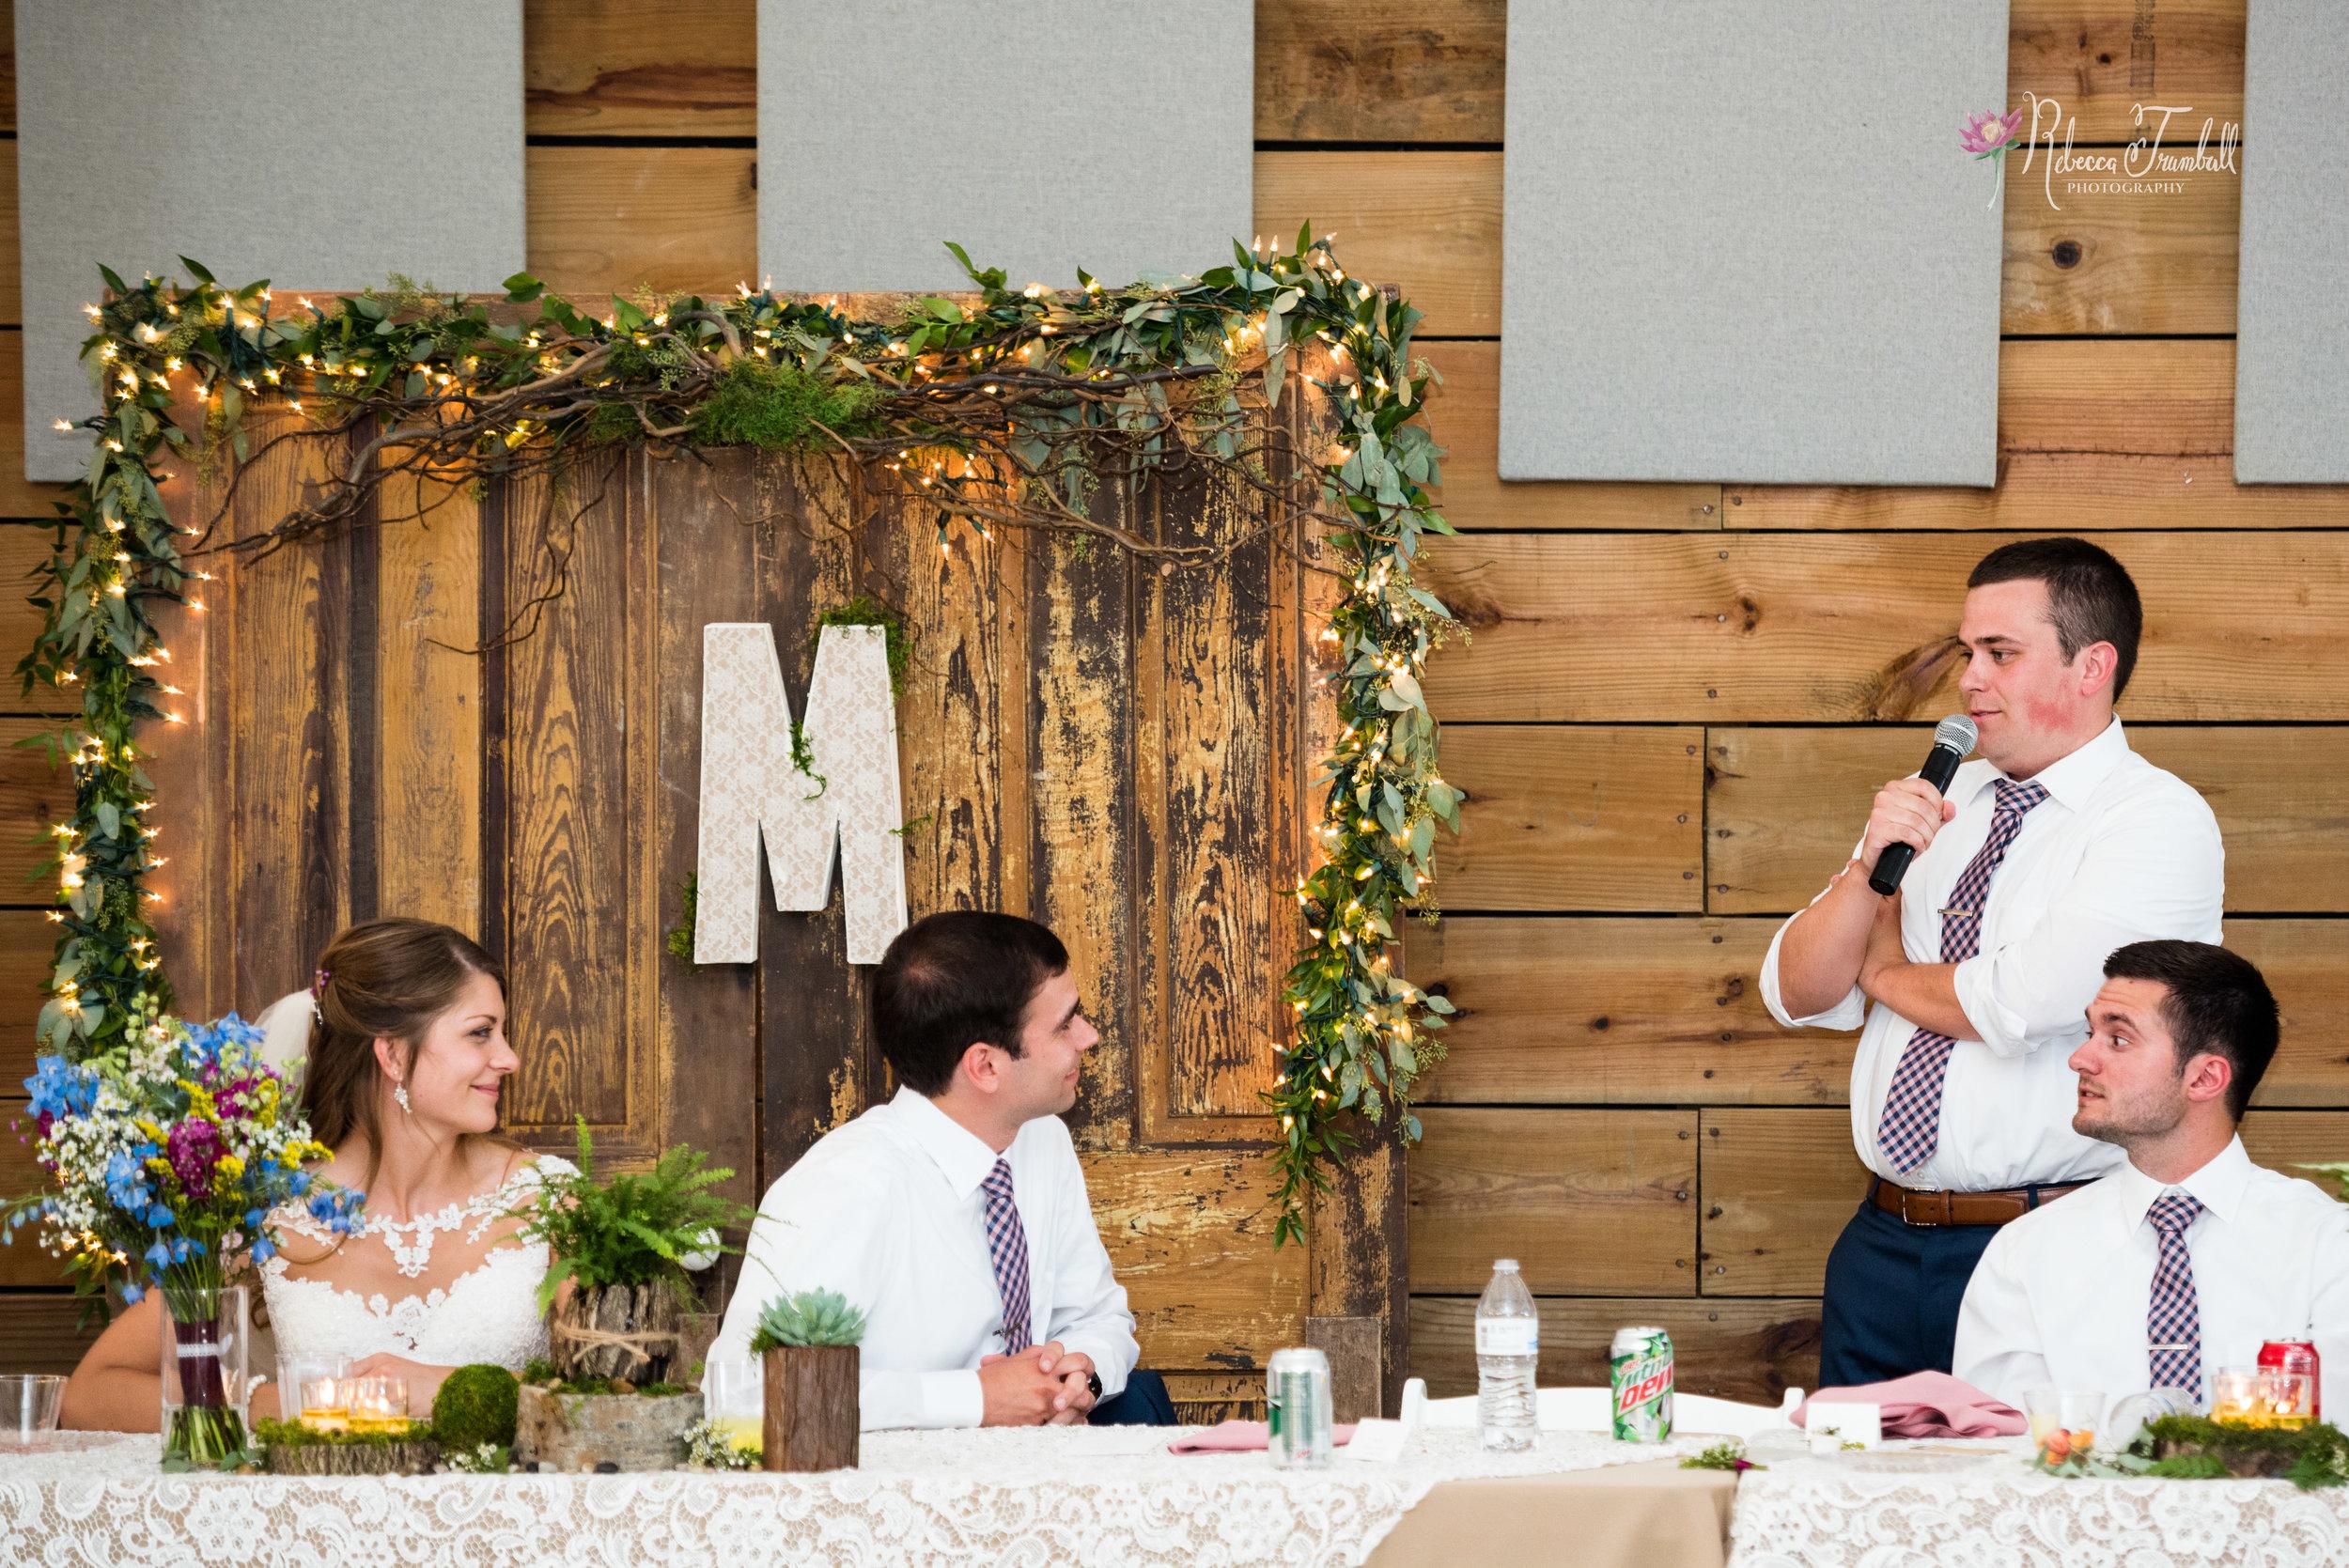 toledo area wedding photography-21.jpg